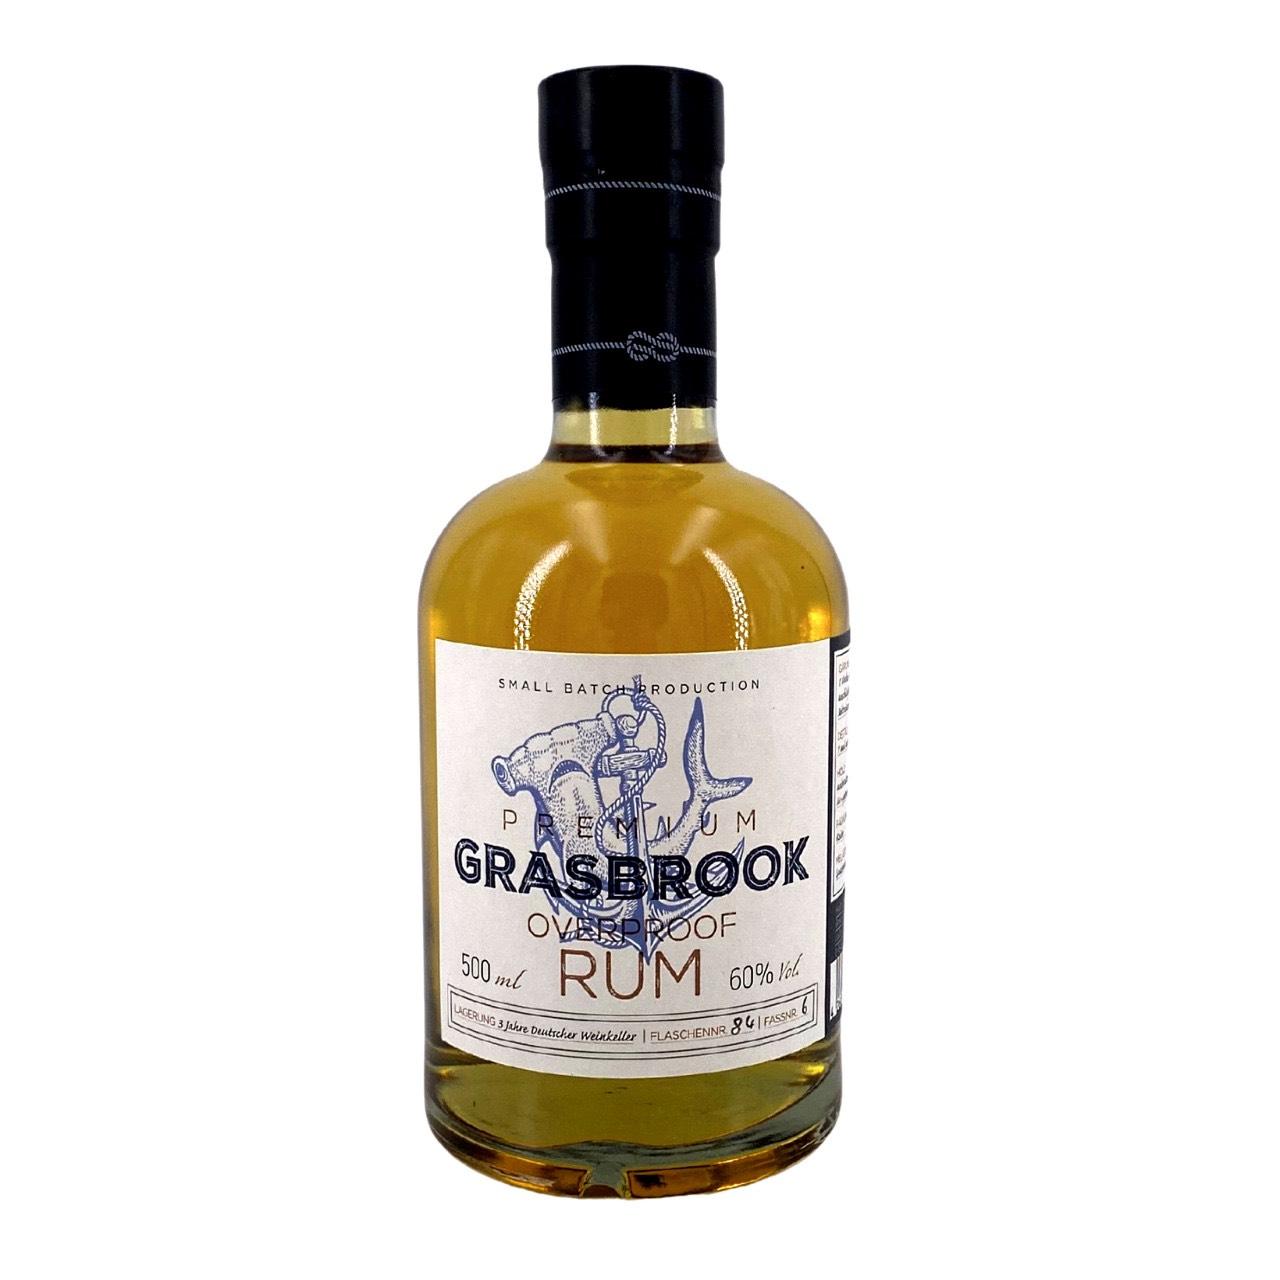 Bottle image of Grasbrook Overproof